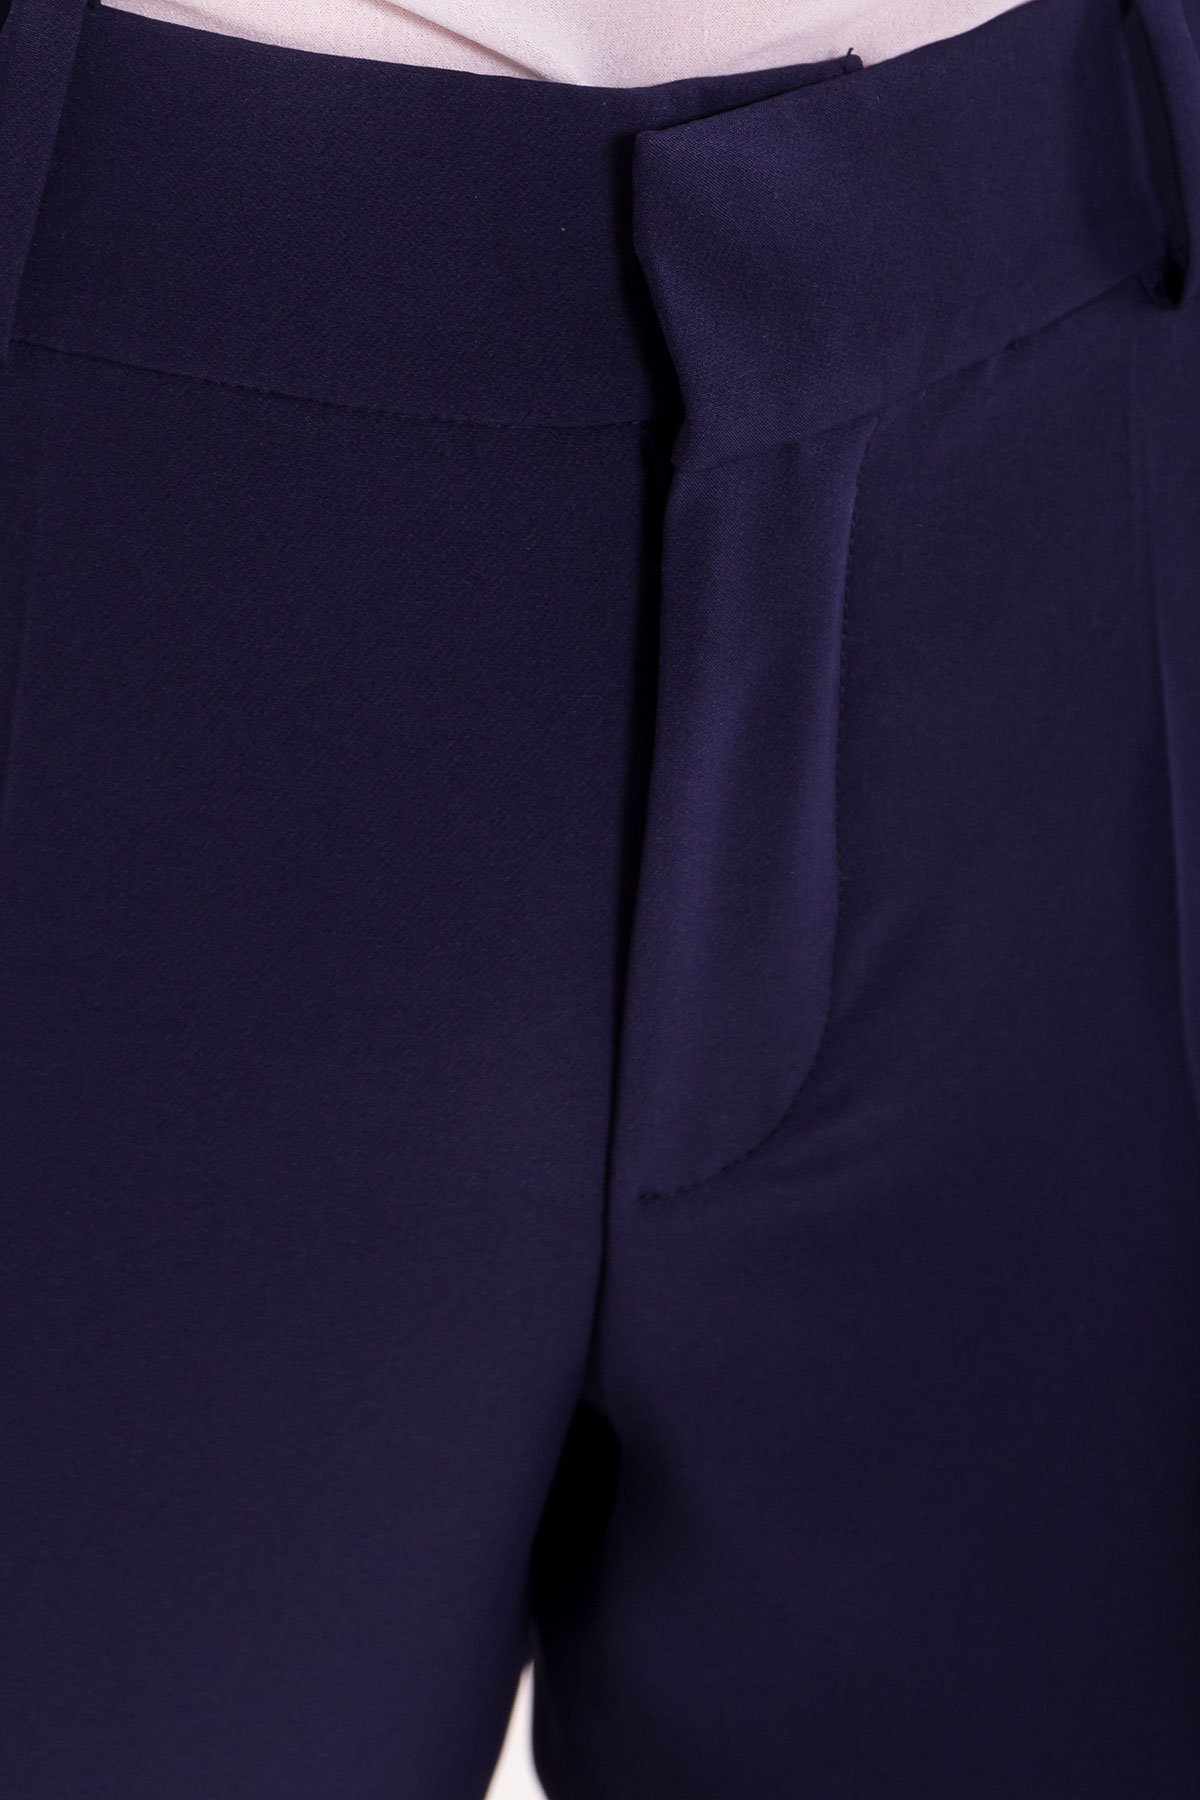 Базовые брюки со стрелками Эдвин 2467 АРТ. 15260 Цвет: Тёмно-синий - фото 7, интернет магазин tm-modus.ru